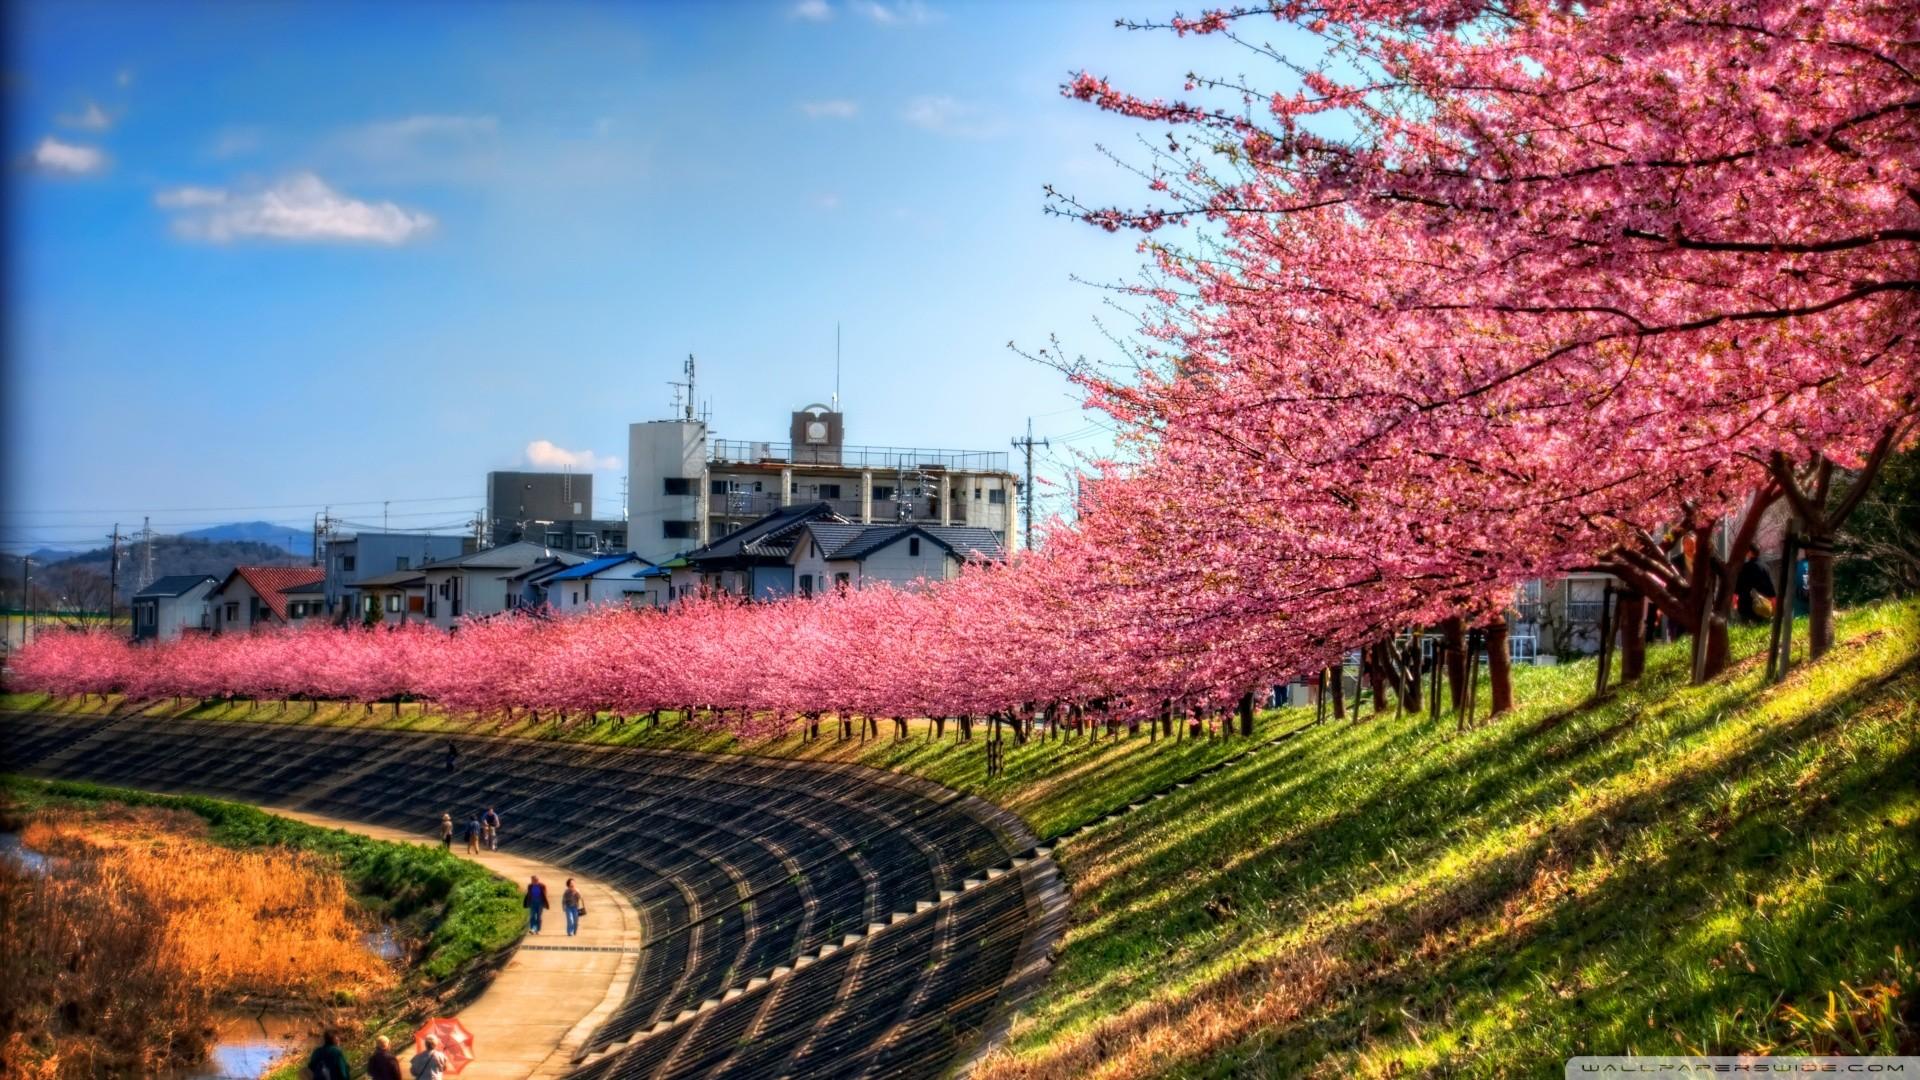 Fond d 39 cran japon des arbres paysage ciel fleur de cerisier rose chemin arbre l - Arbre rose japon ...